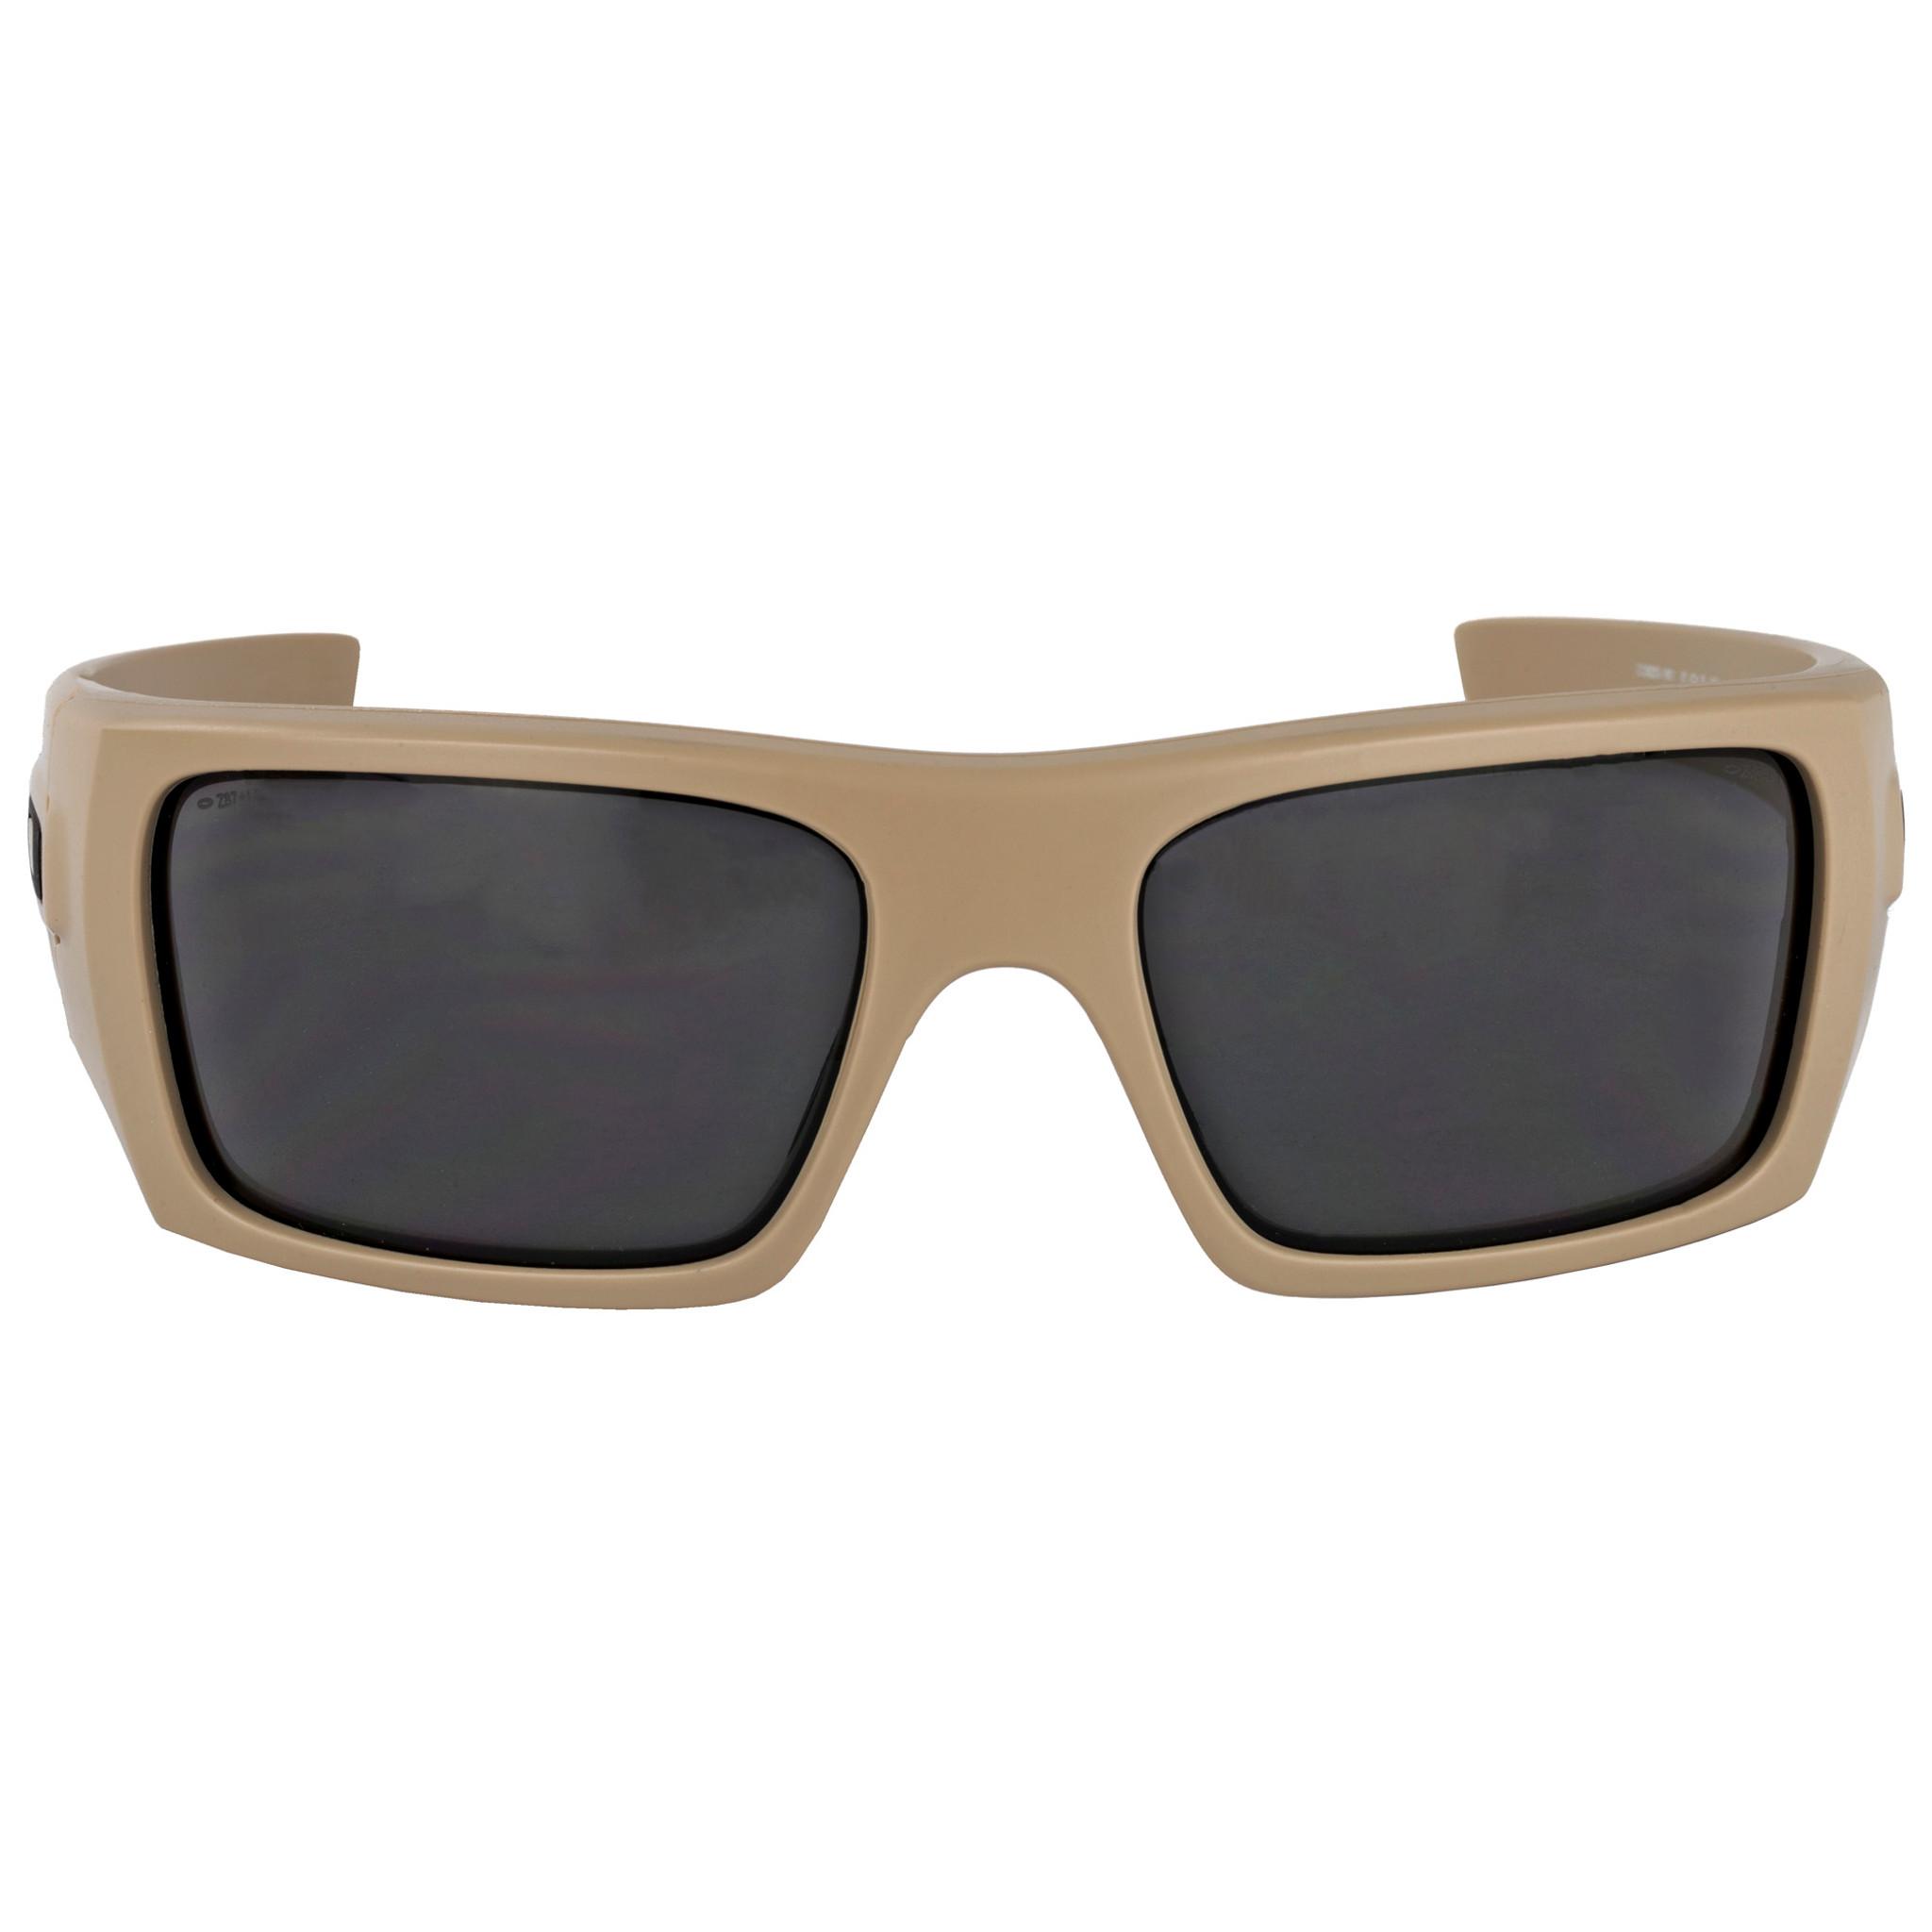 Oakley Det Cord >> Oakley Standard Issue Ballistic Det Cord Tan W Gray Lens Oo9253 1661